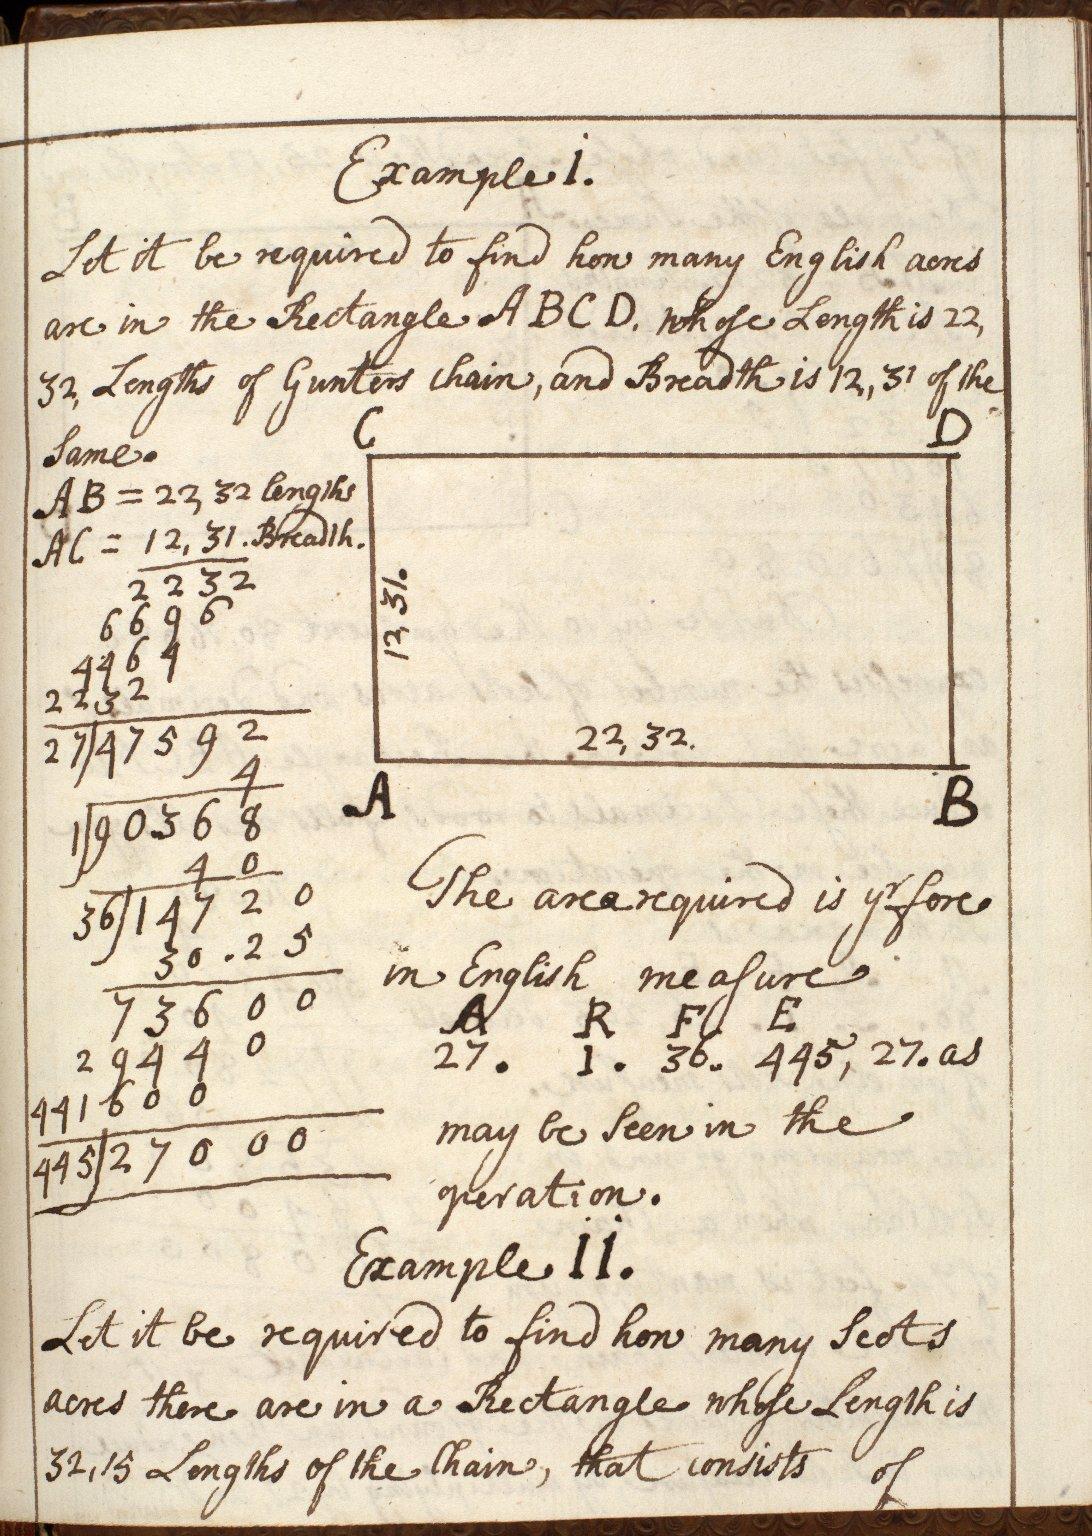 Geometria Practica A Domino Davide Gregory in Academia Edinensi Matheseos Professore. [04 of 16]